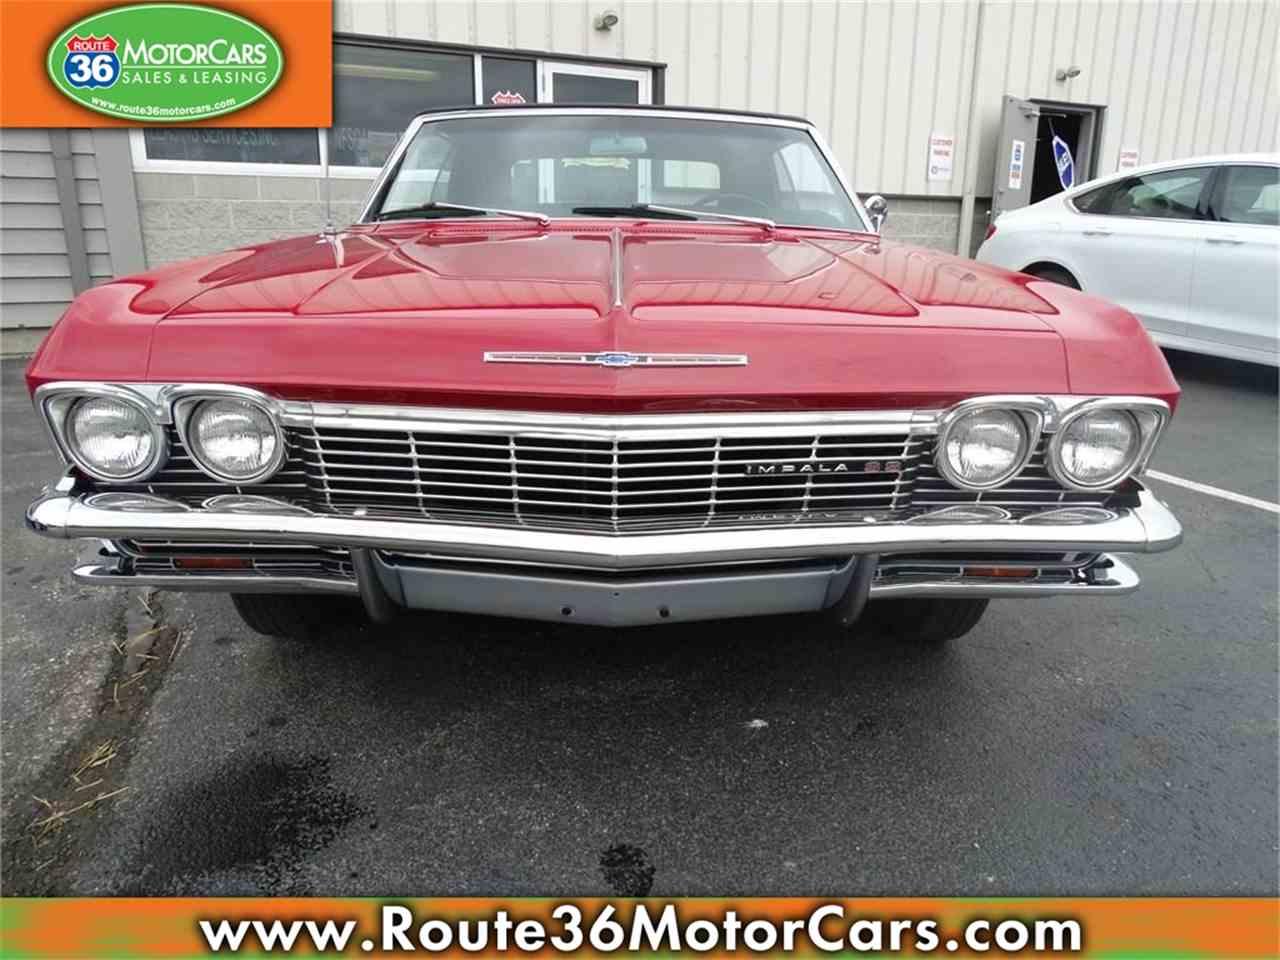 1965 Chevrolet Impala ...